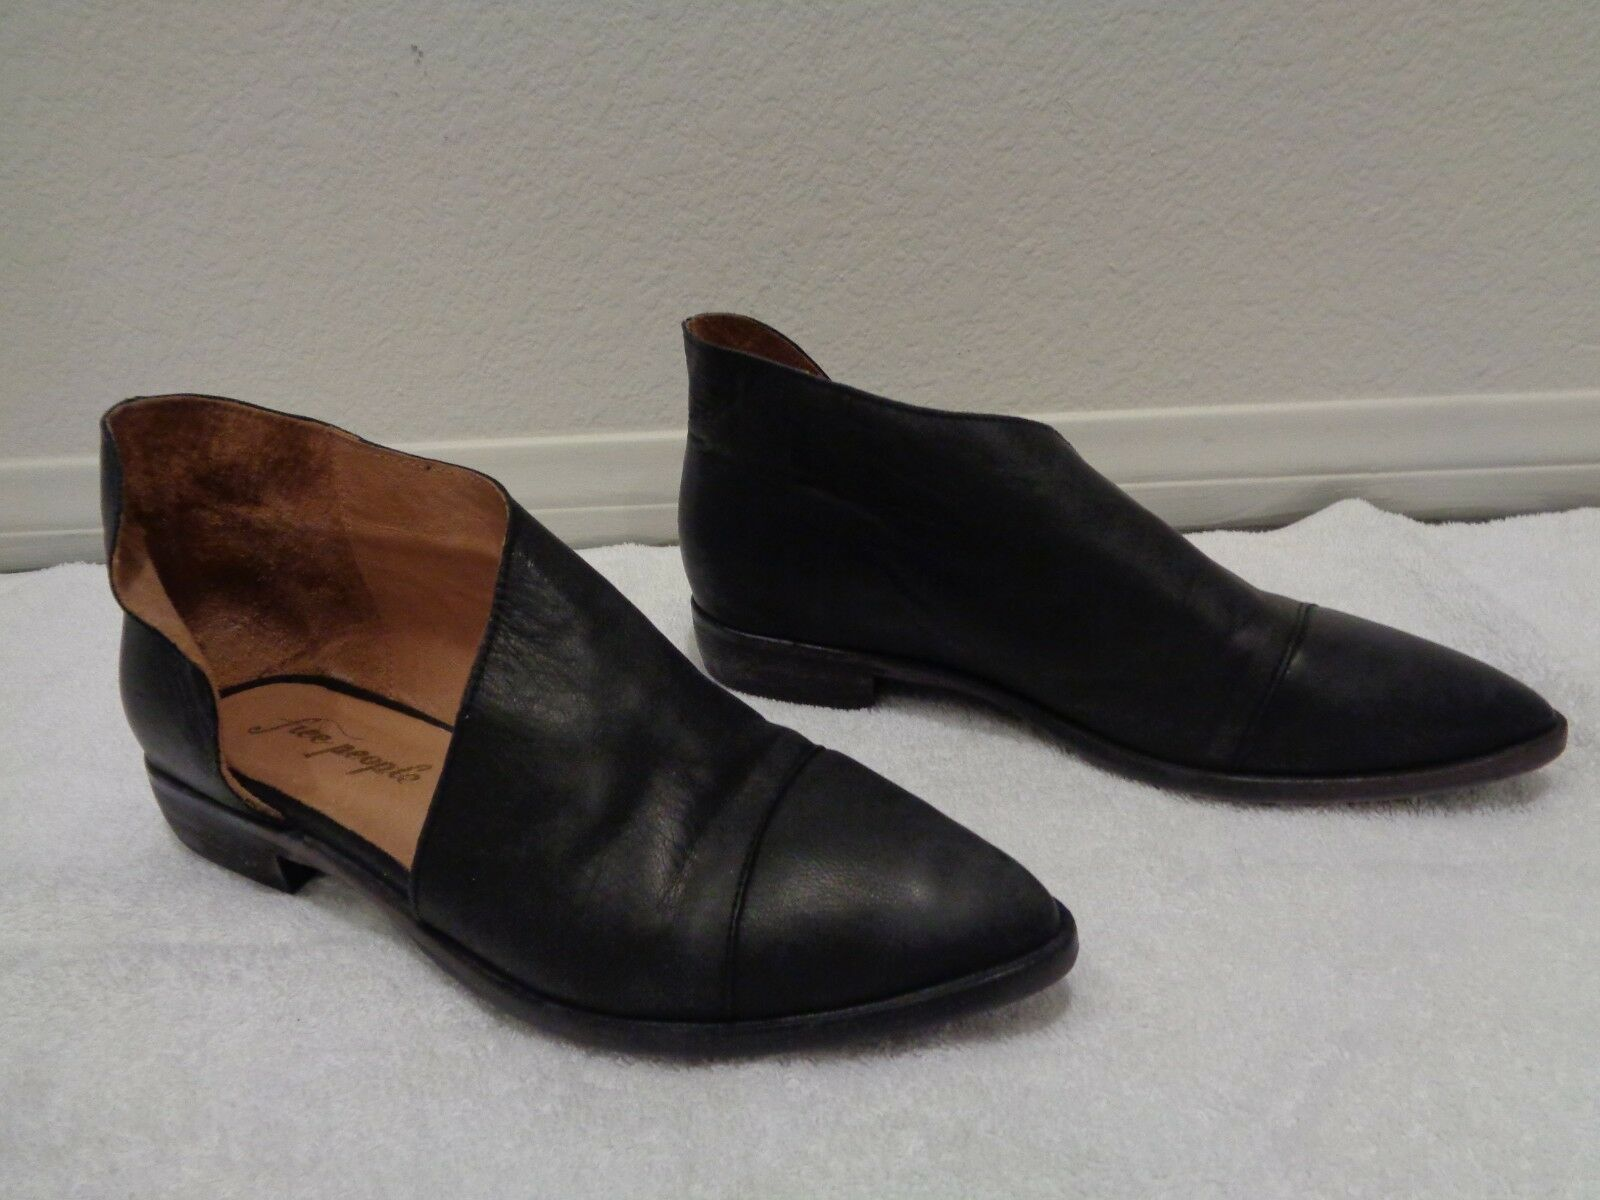 Free People 'Royal' Puntera Puntiaguda cuero plano negro Talla Talla Talla 38 8 Nuevo  tienda en linea